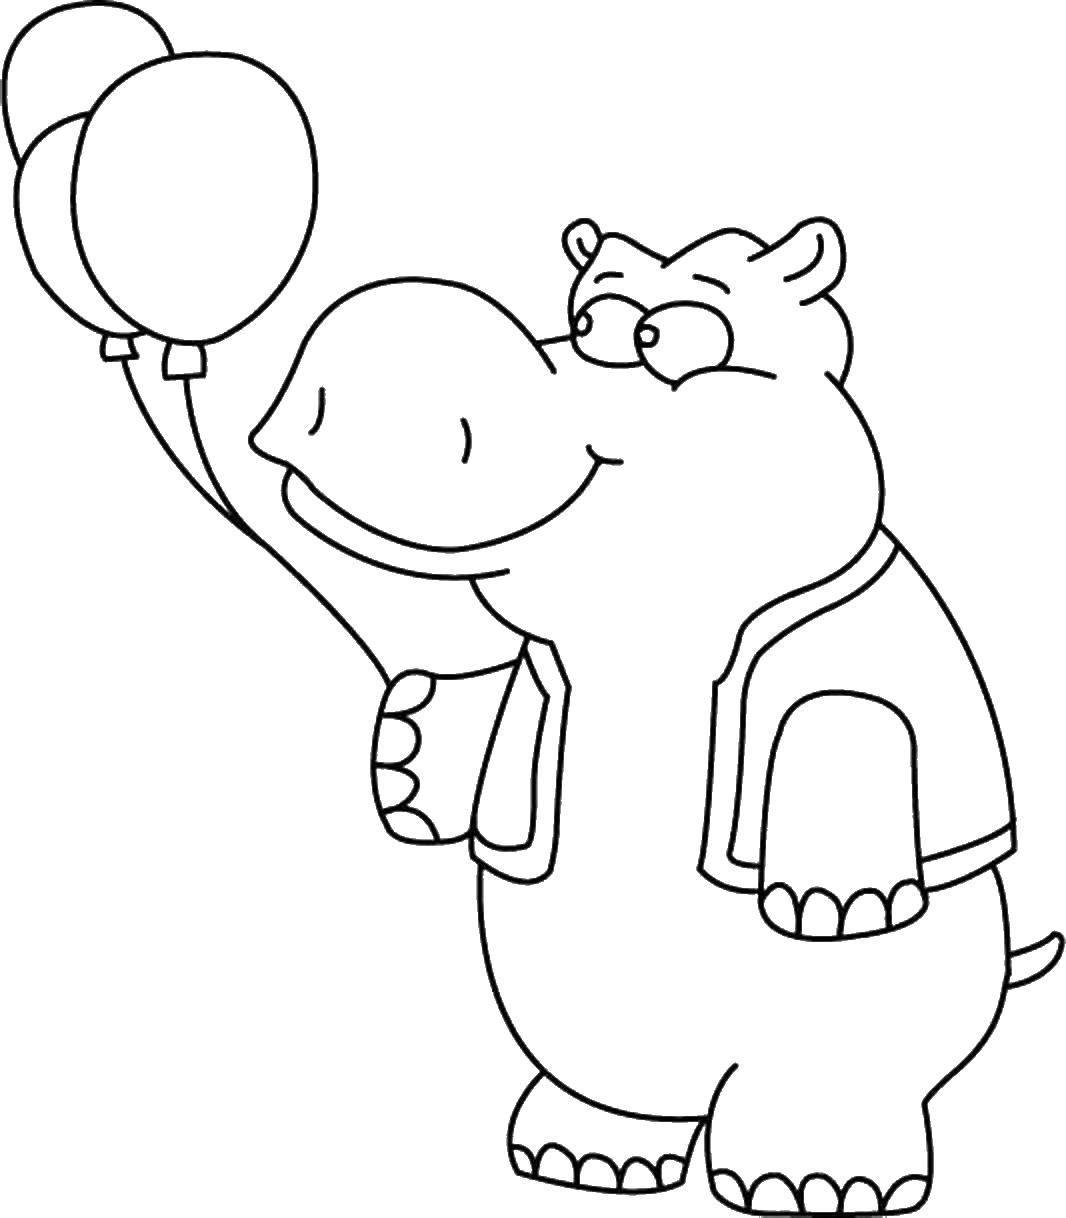 Раскраски бегемоты и гиппопотамы   Бегемот с шариками